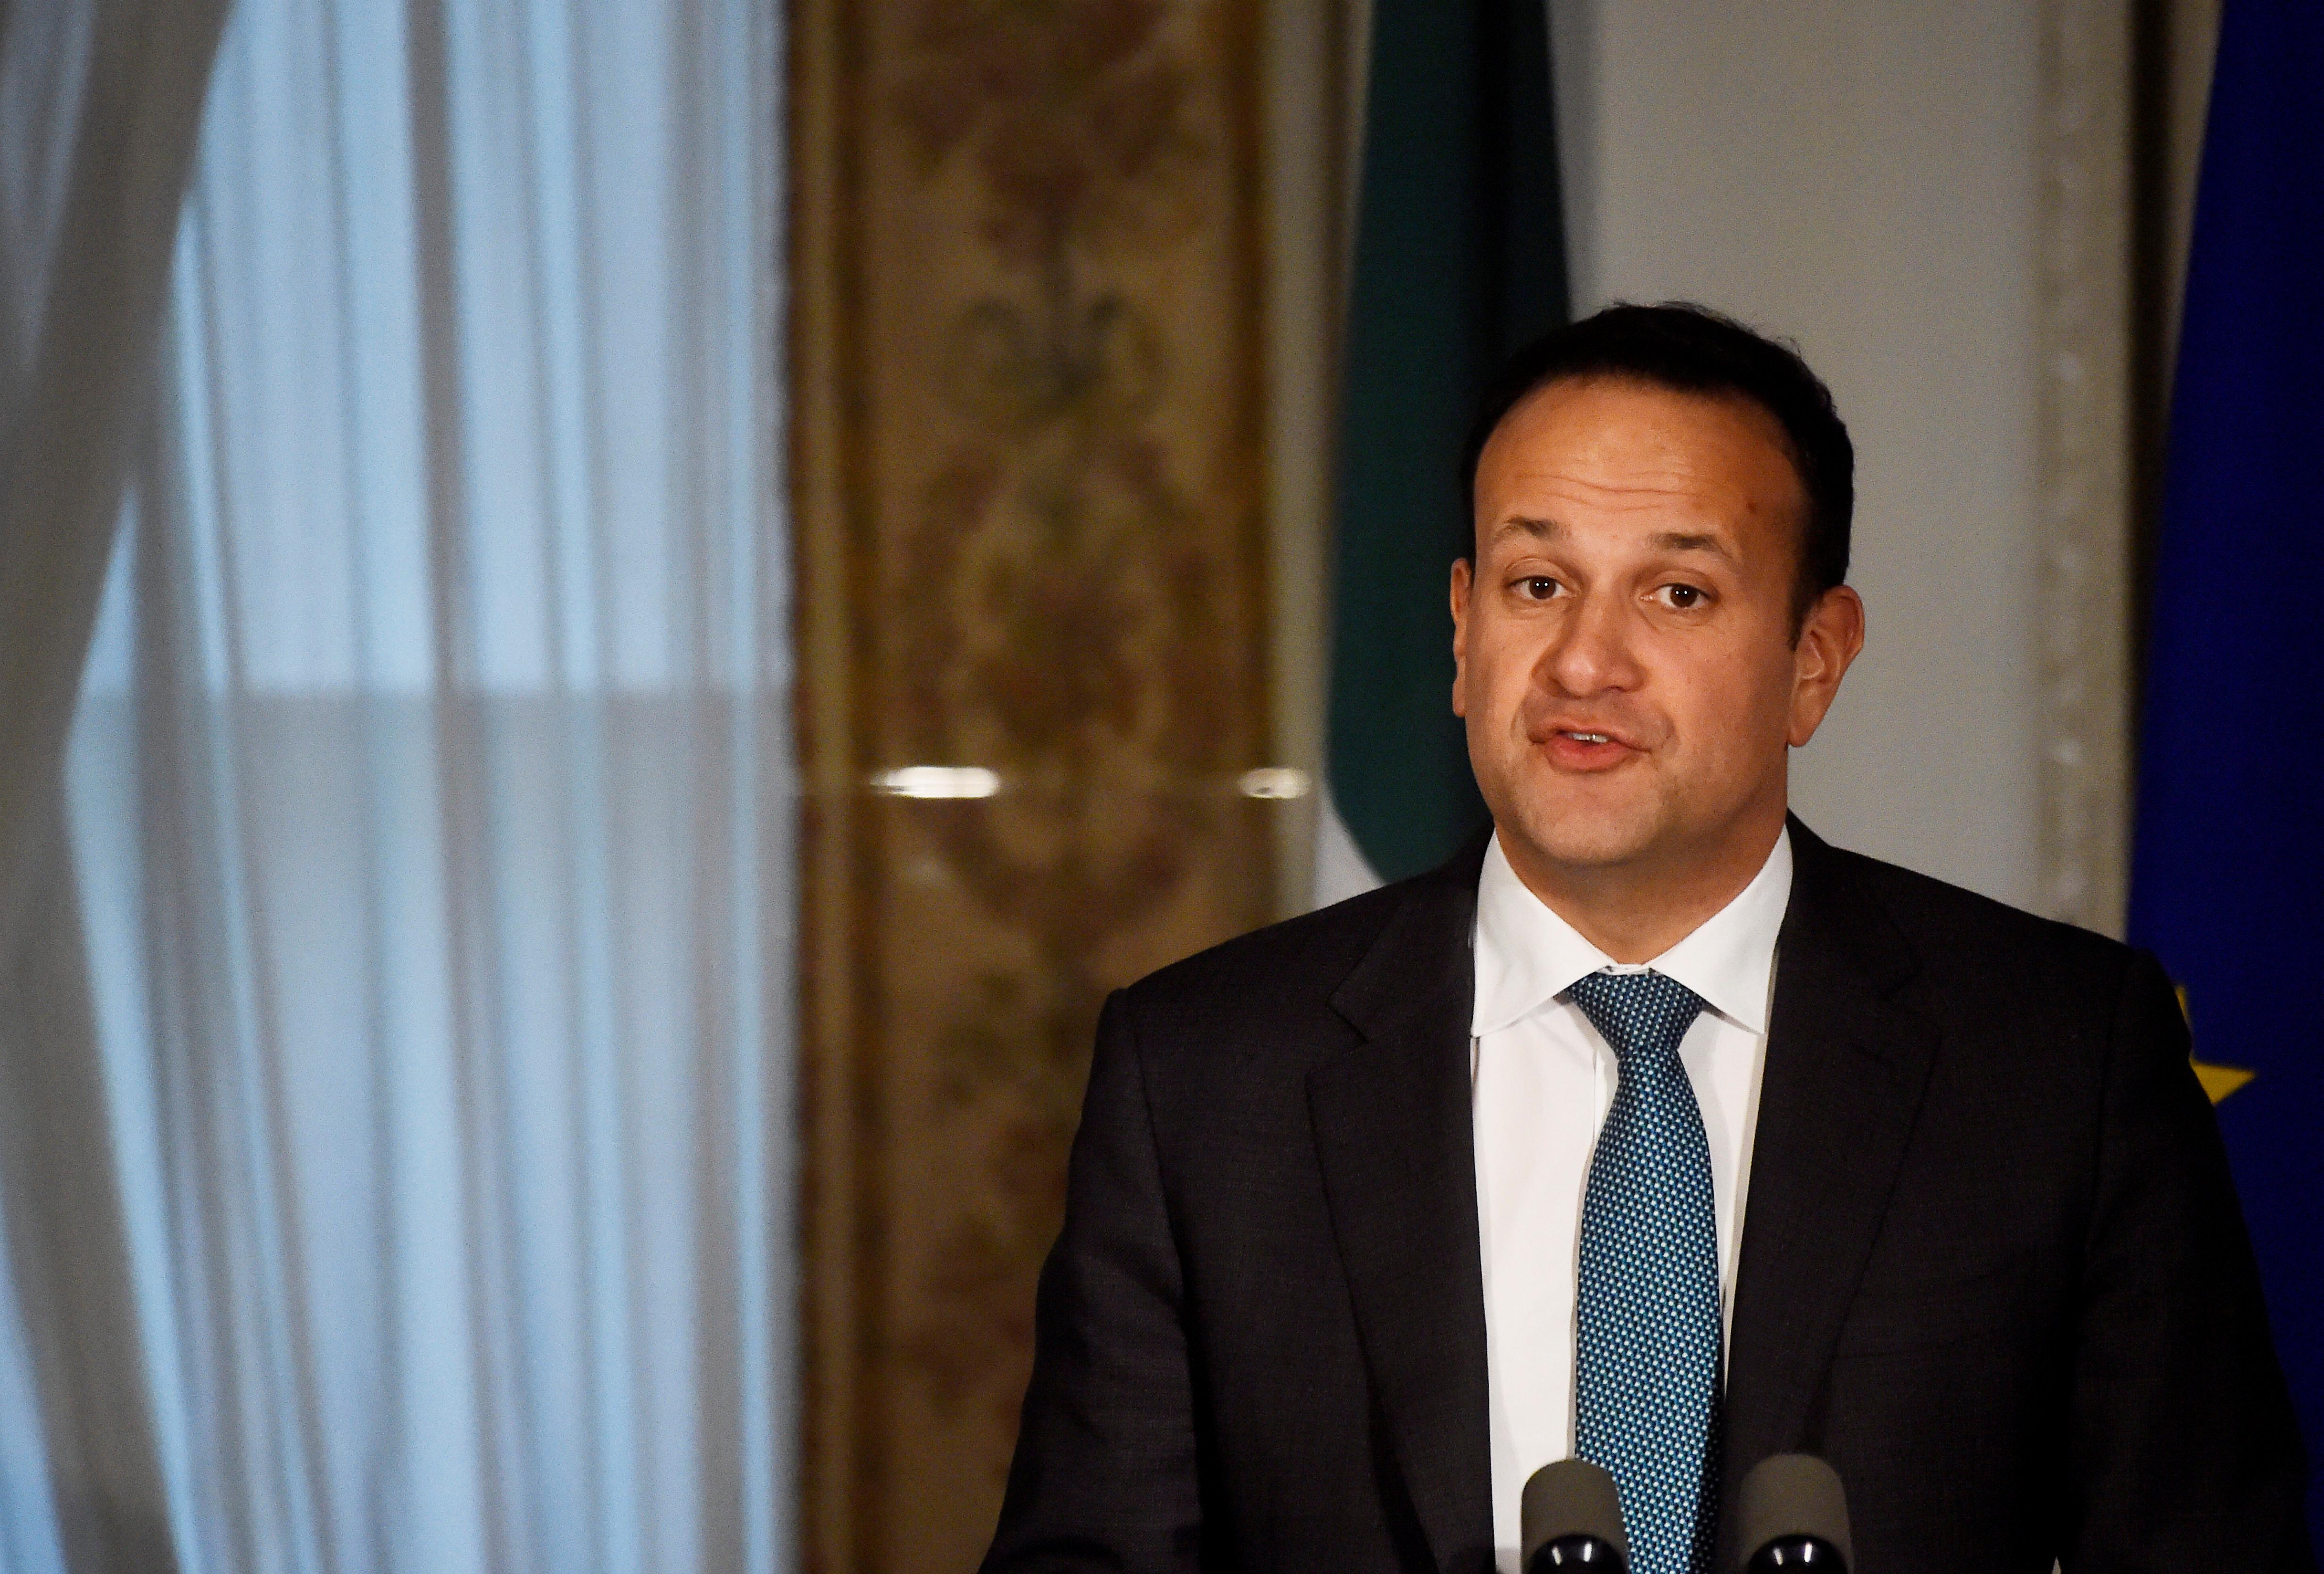 Brexit: UE determinada a evitar fronteira com Irlanda do Norte